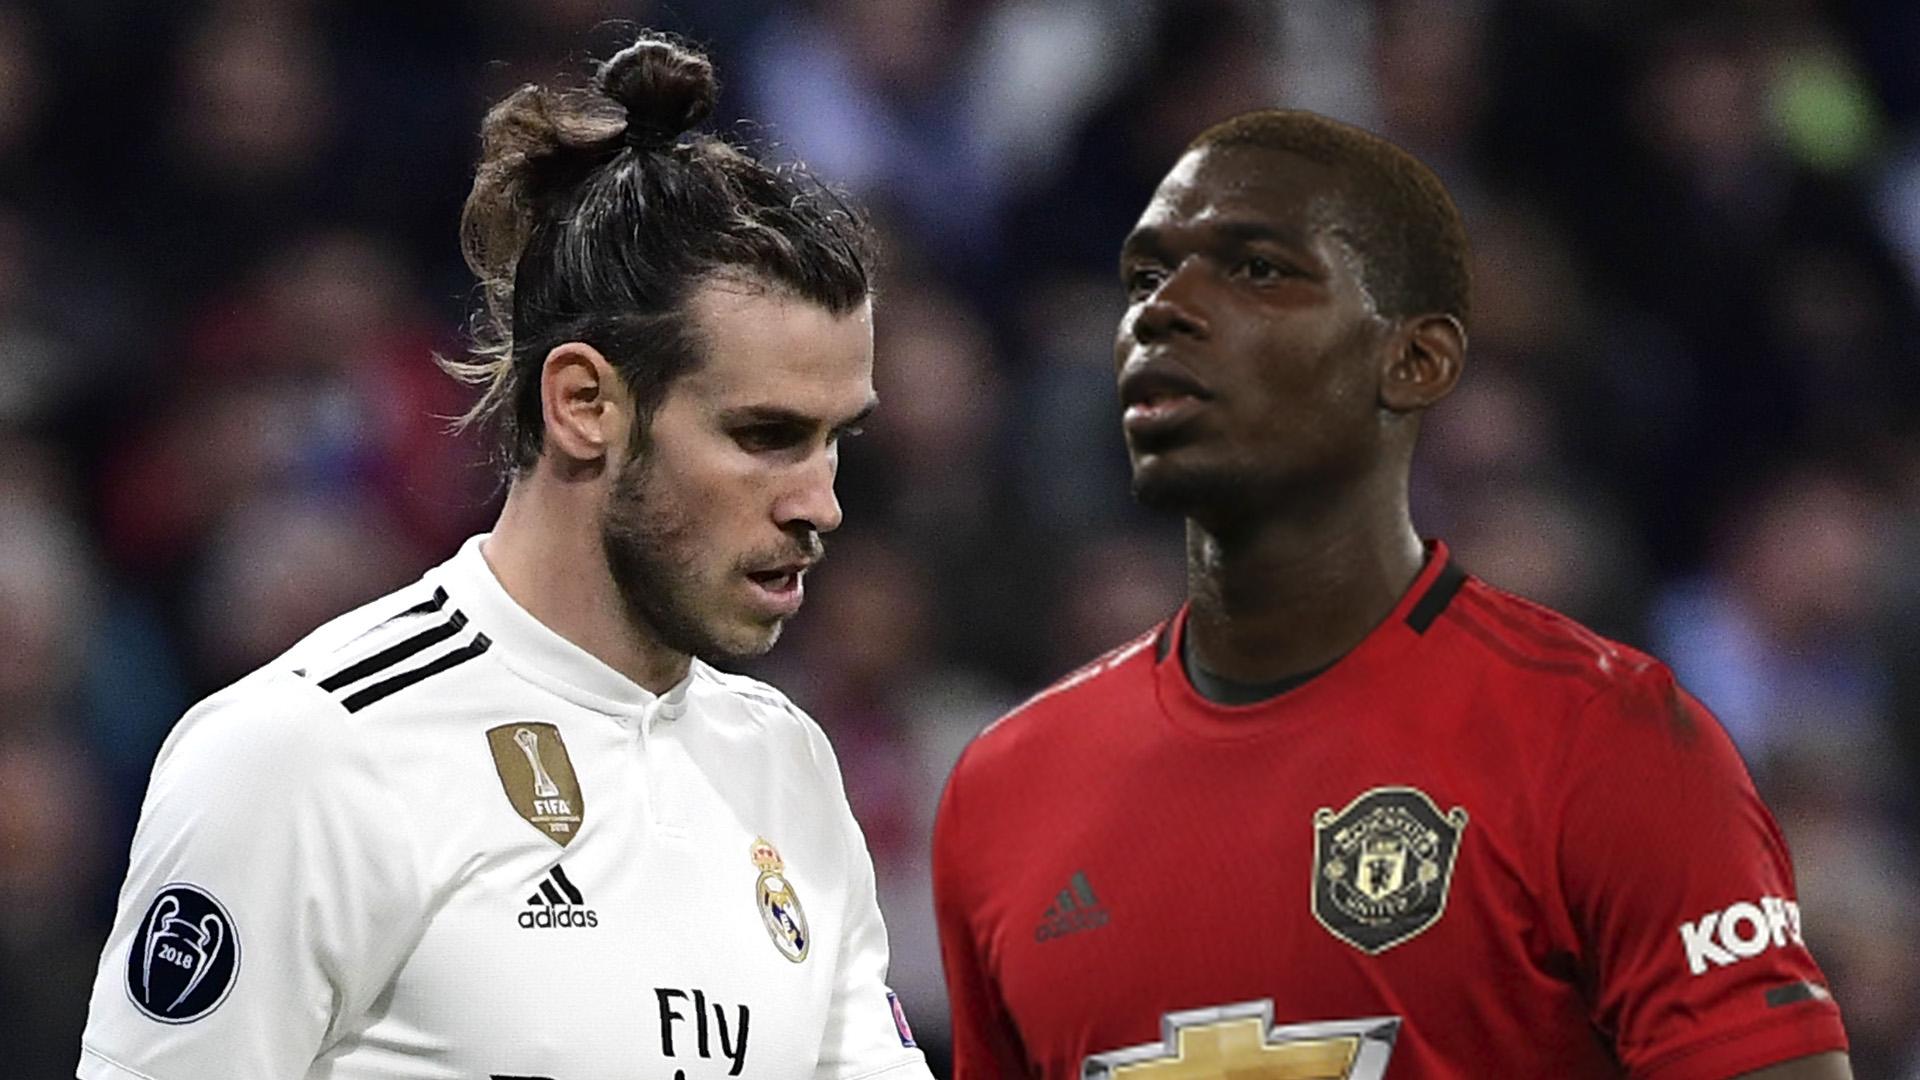 Mercato - Bale en partance, le Real Madrid va frapper fort pour Pogba